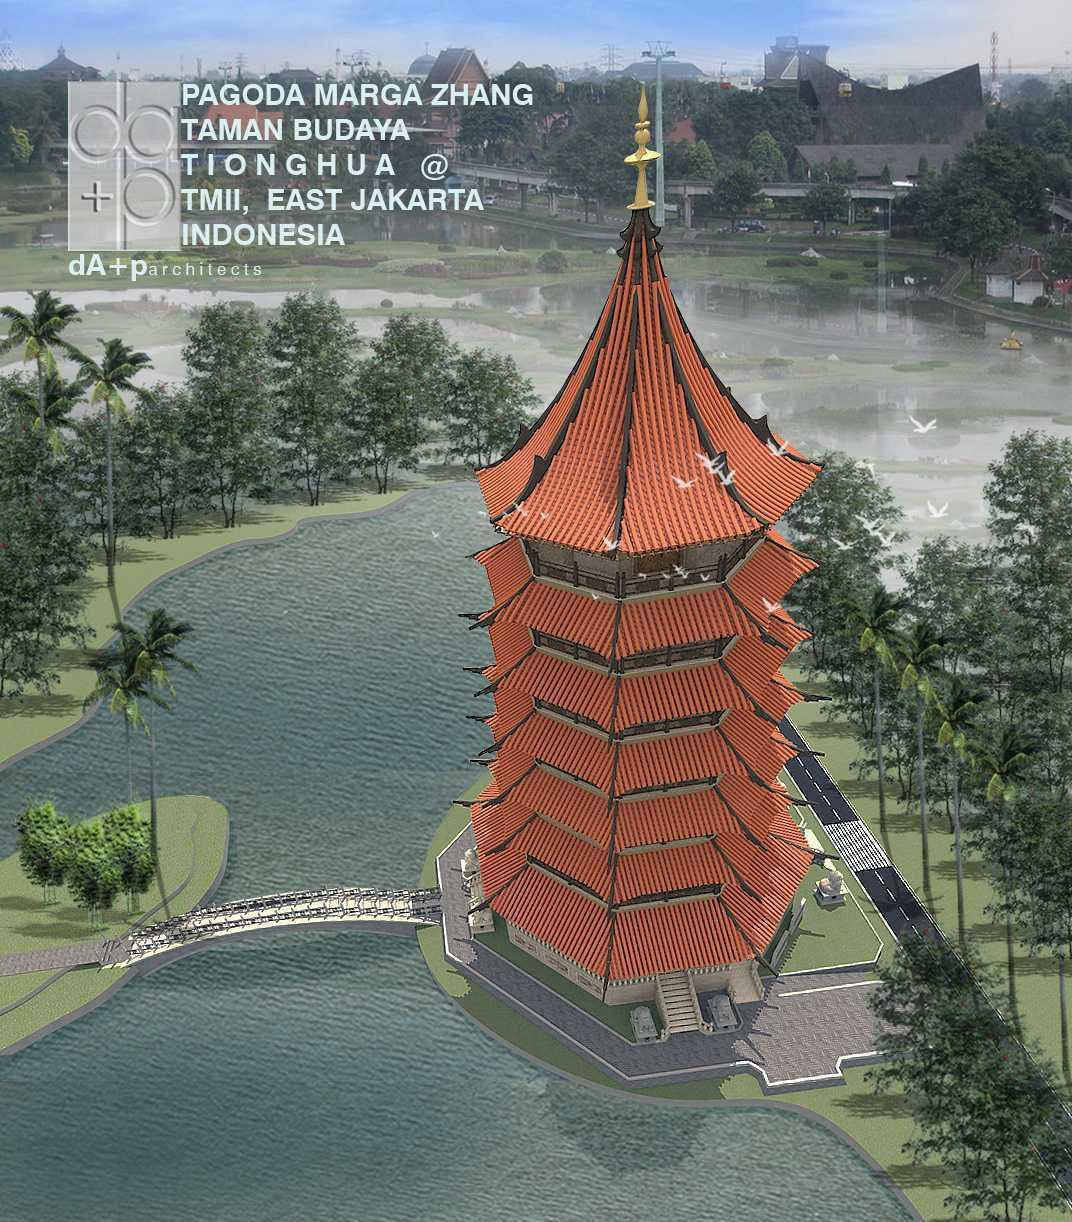 Rully Tanuwidjaja Pagoda- Zhang Family Clan Kota Jakarta Timur, Daerah Khusus Ibukota Jakarta, Indonesia Kota Jakarta Timur, Daerah Khusus Ibukota Jakarta, Indonesia Rully-Tanuwidjaja-Pagoda-Zhang-Family-Clan  62475